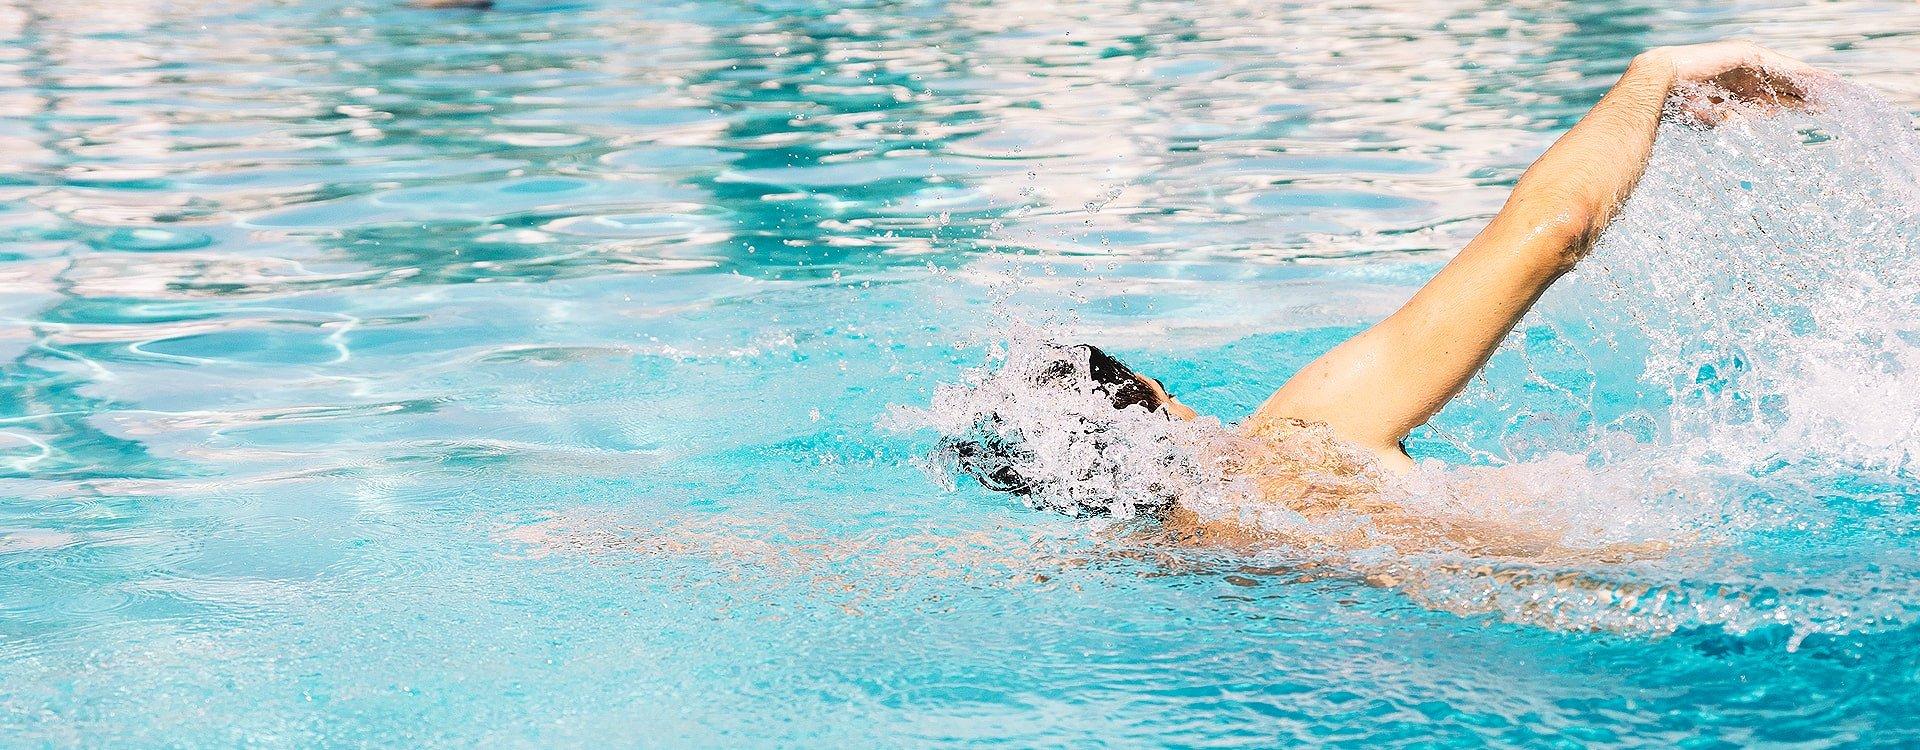 Dlaczego warto nauczyć się pływać?